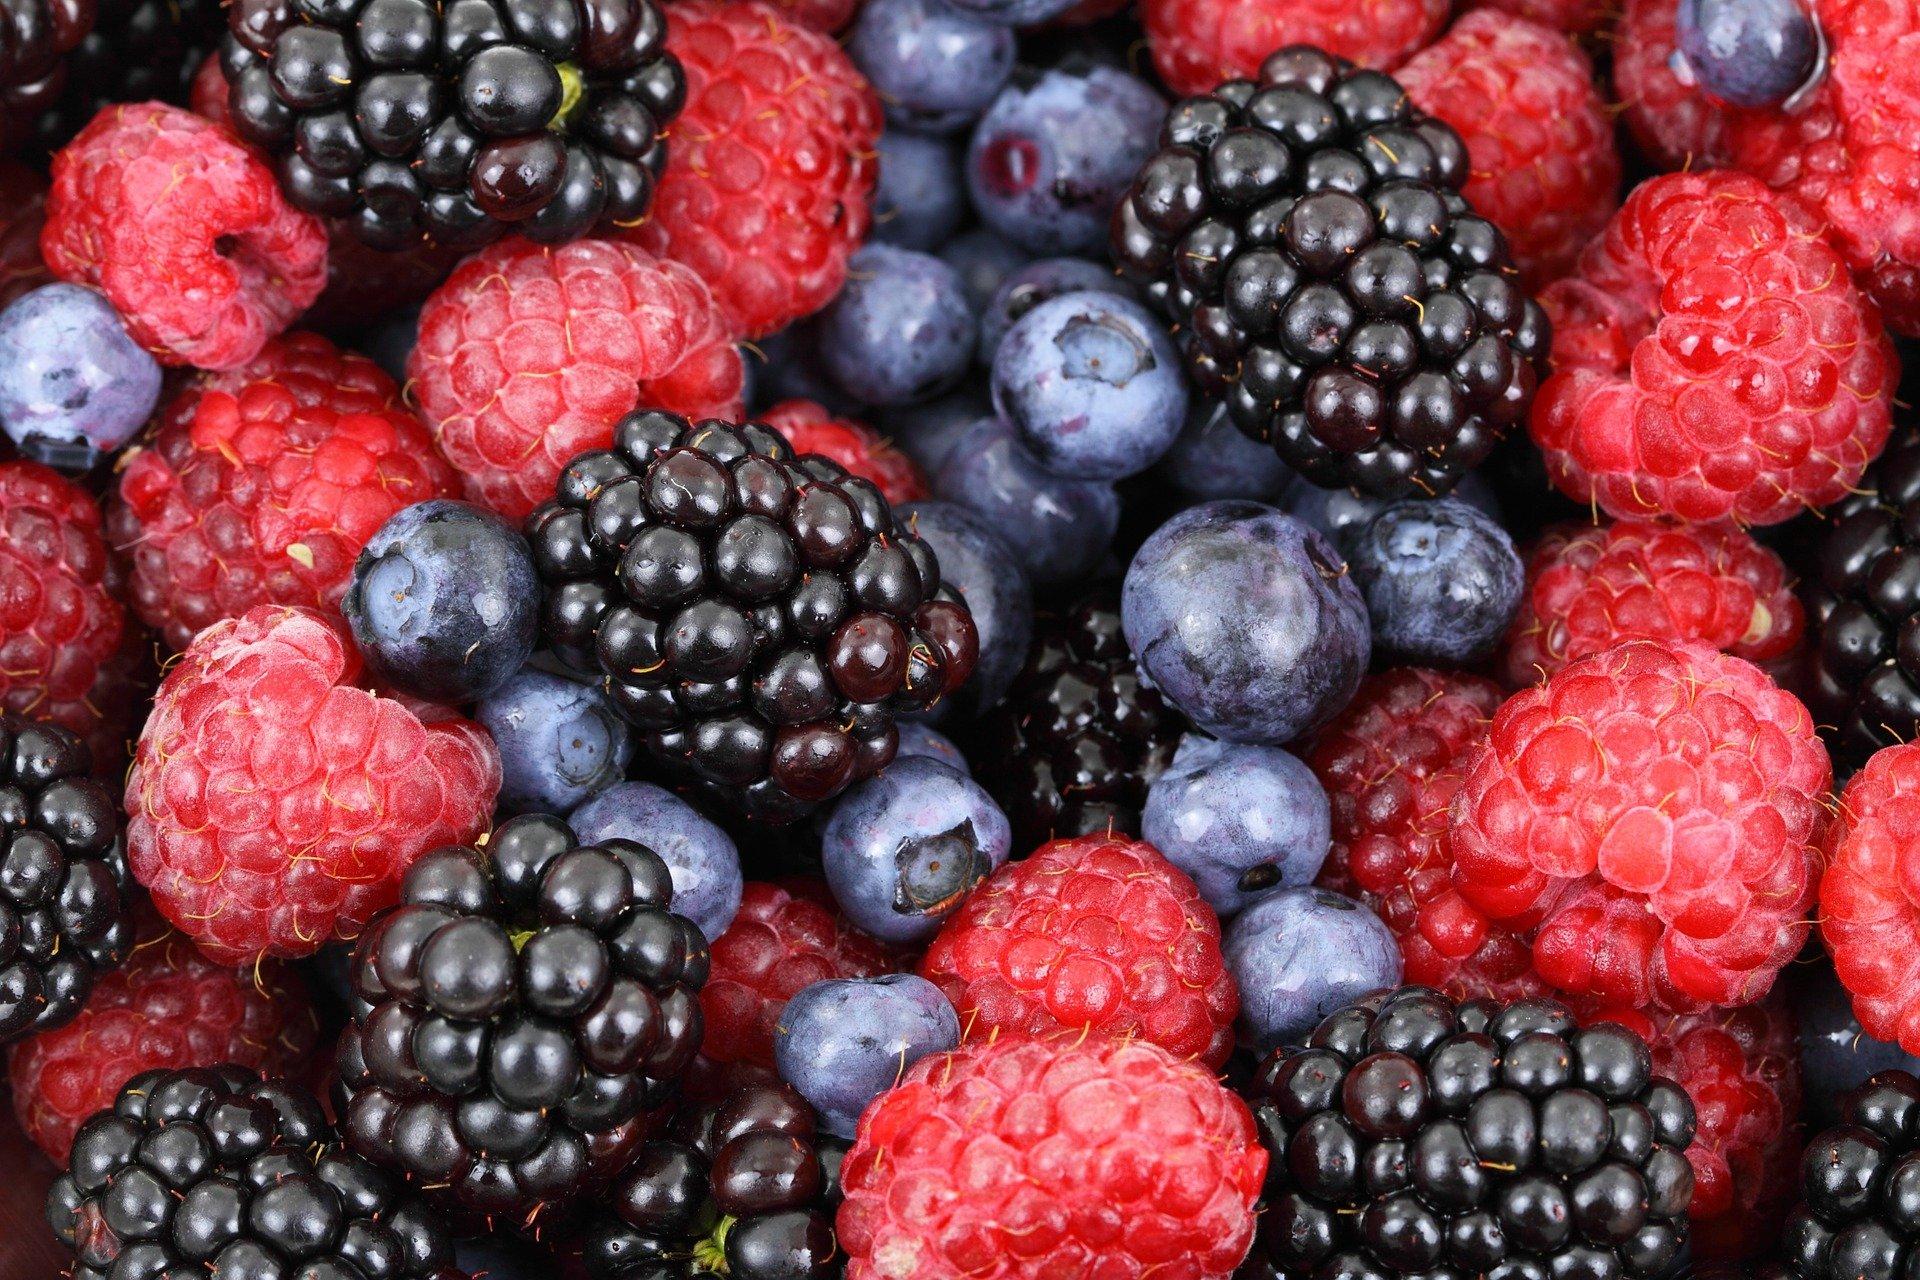 Foto de frutas vermelhas. Imagem ilustrativa para o texto sobre como tirar mancha de fruta.